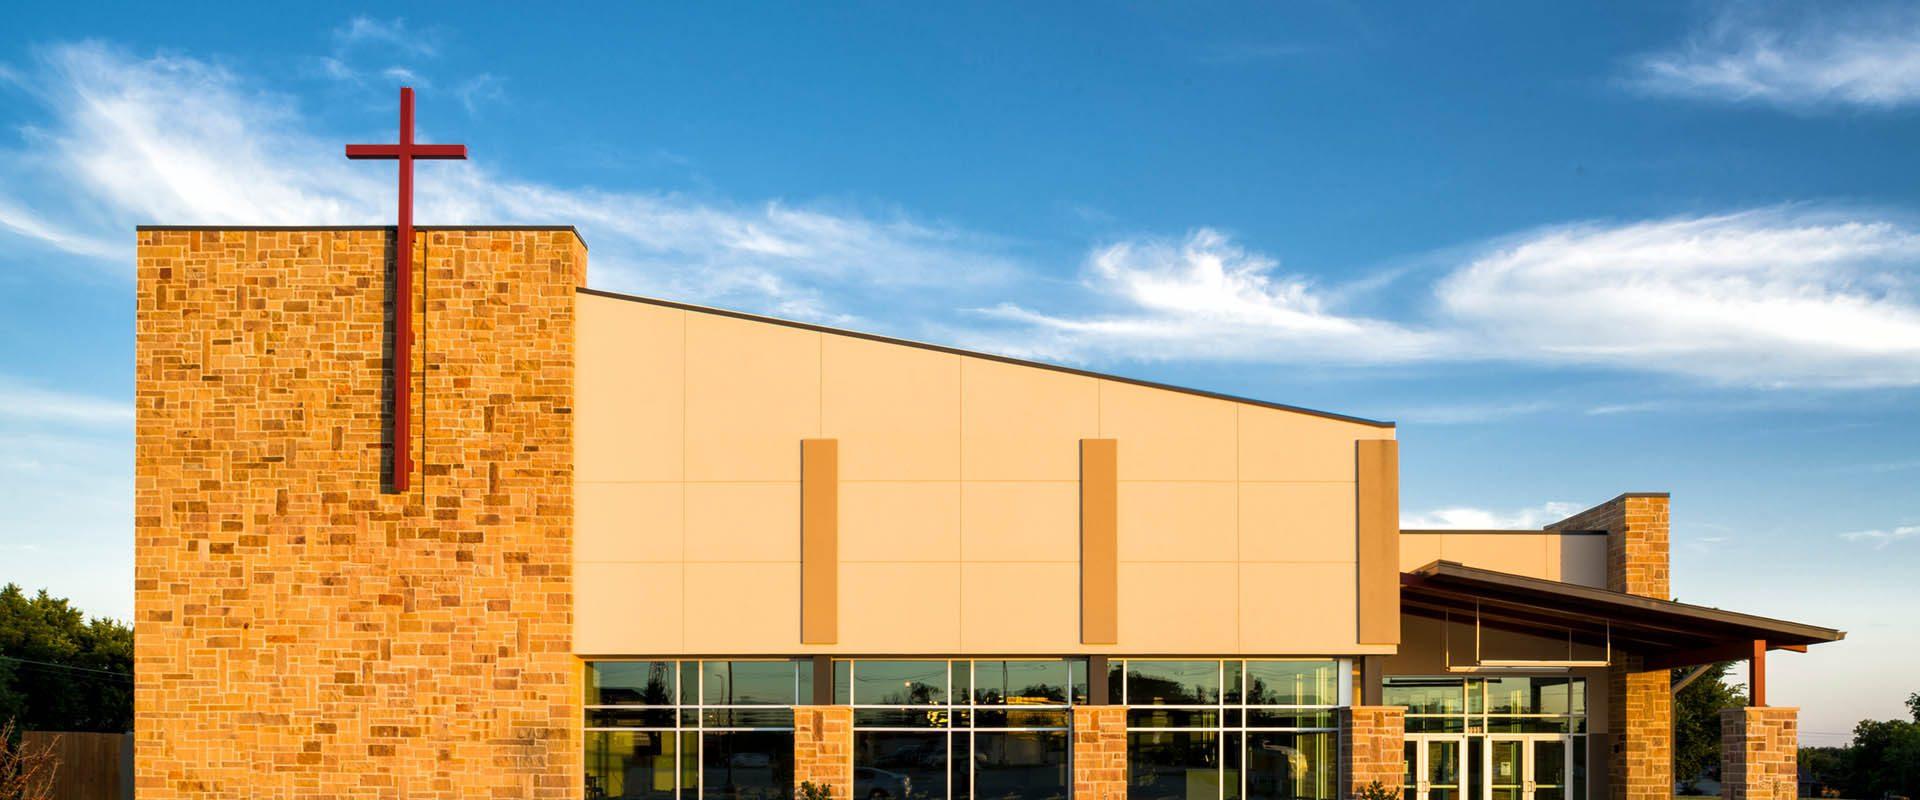 North Pointe Church, Sachse, TX